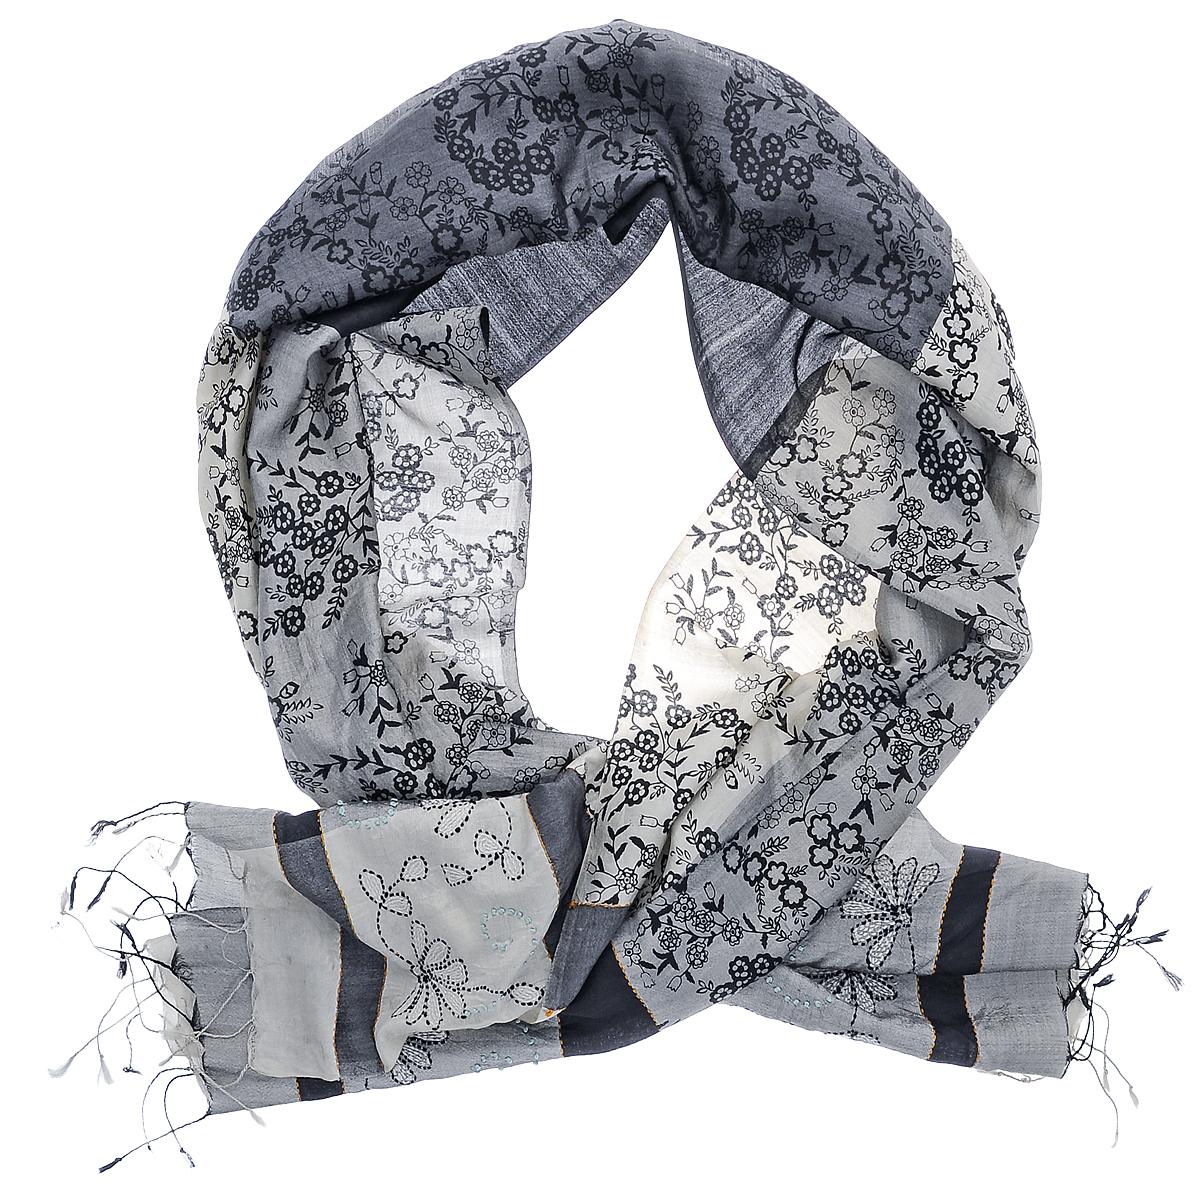 ШарфSN-EMB.PRINT/GREYПринт в виде силуэтов разнообразных листьев украшает центральную часть шелкового шарфа. Широкая контрастная полоса отделяет кайму, расшитую крупным повторяющимся рисунком.